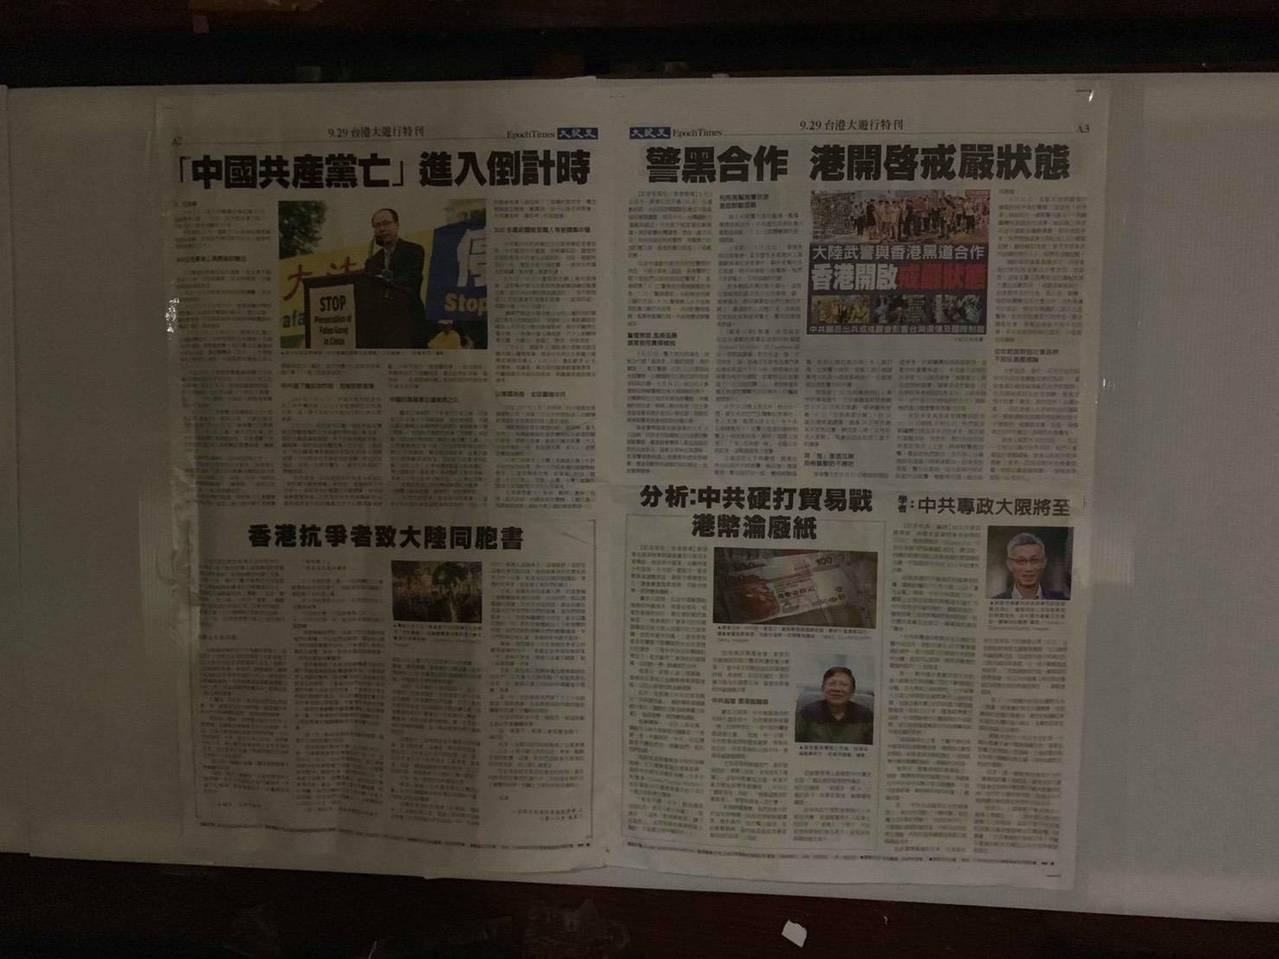 清大校内小吃部前圆环连侬墙张贴,支持香港与反送中报导的报纸、海报、便条纸,9月3...